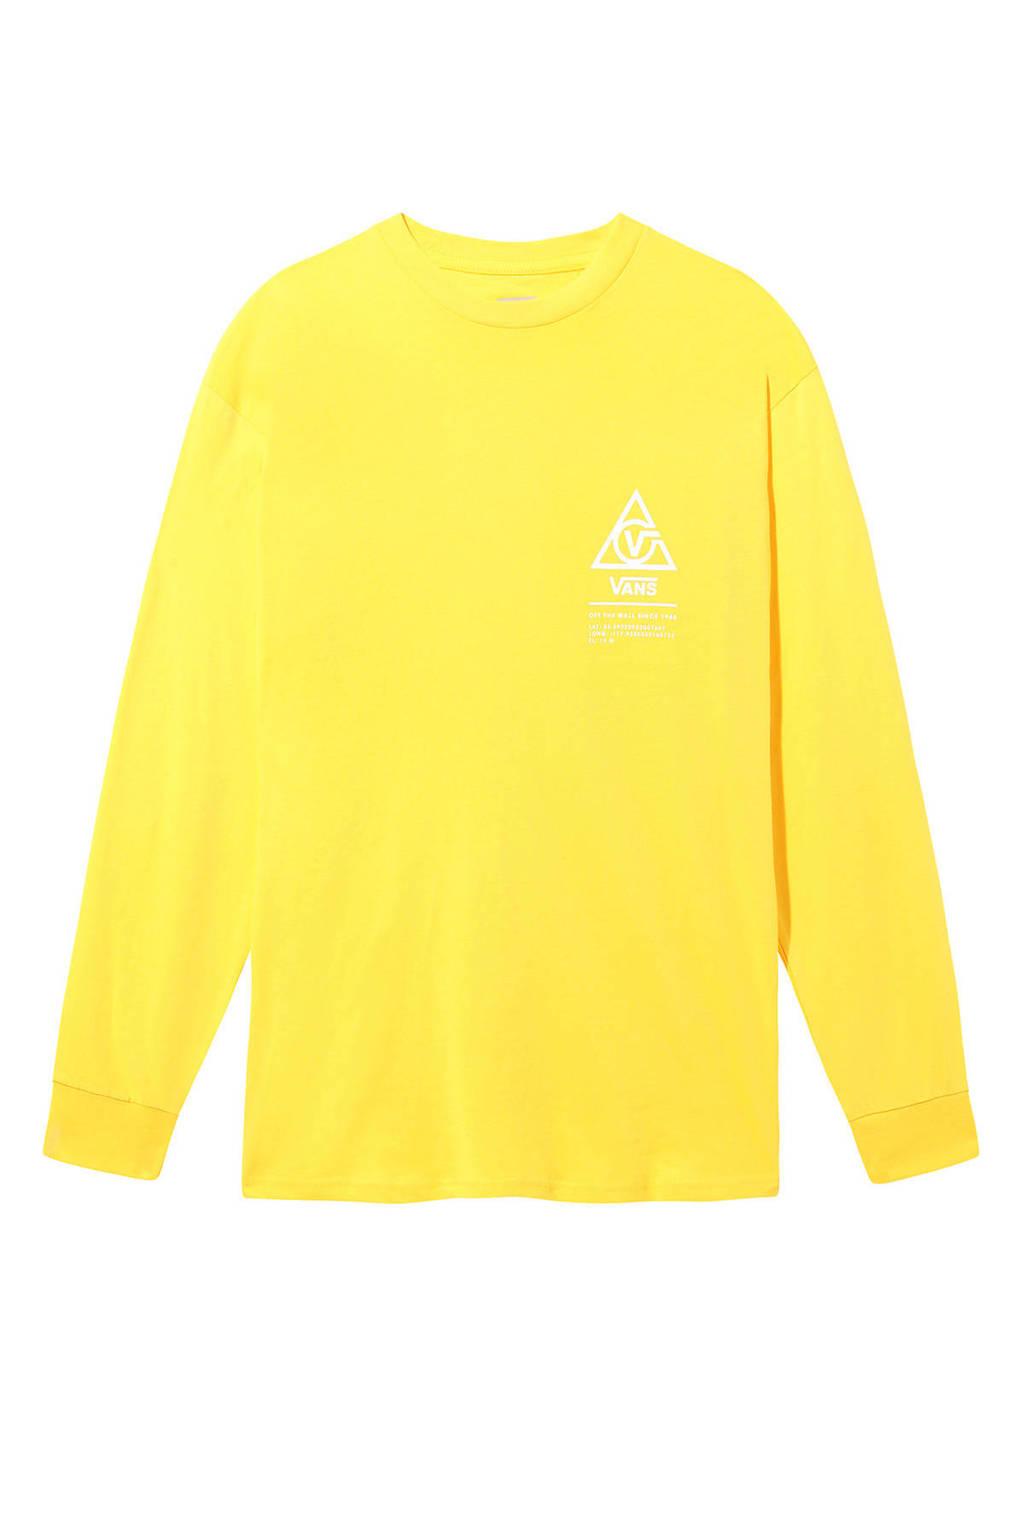 VANS T-shirt geel, Geel